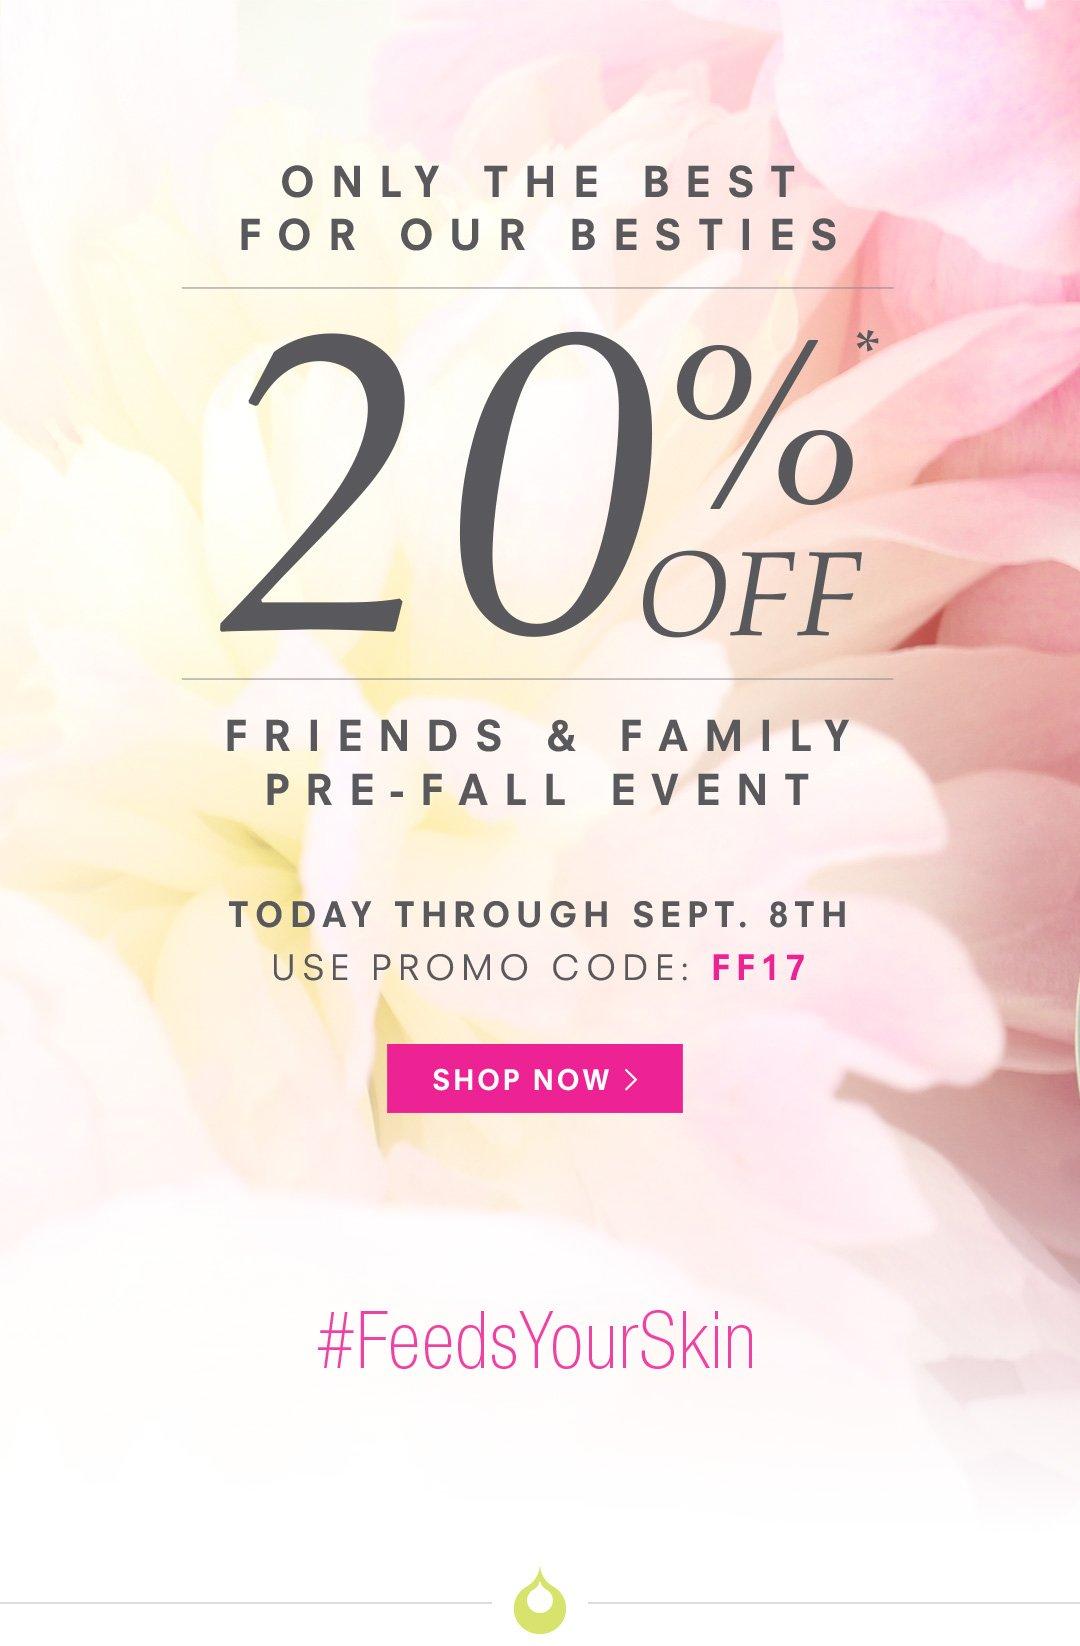 Friends & Family Pre-Fall Event - Enjoy 20% Off!*